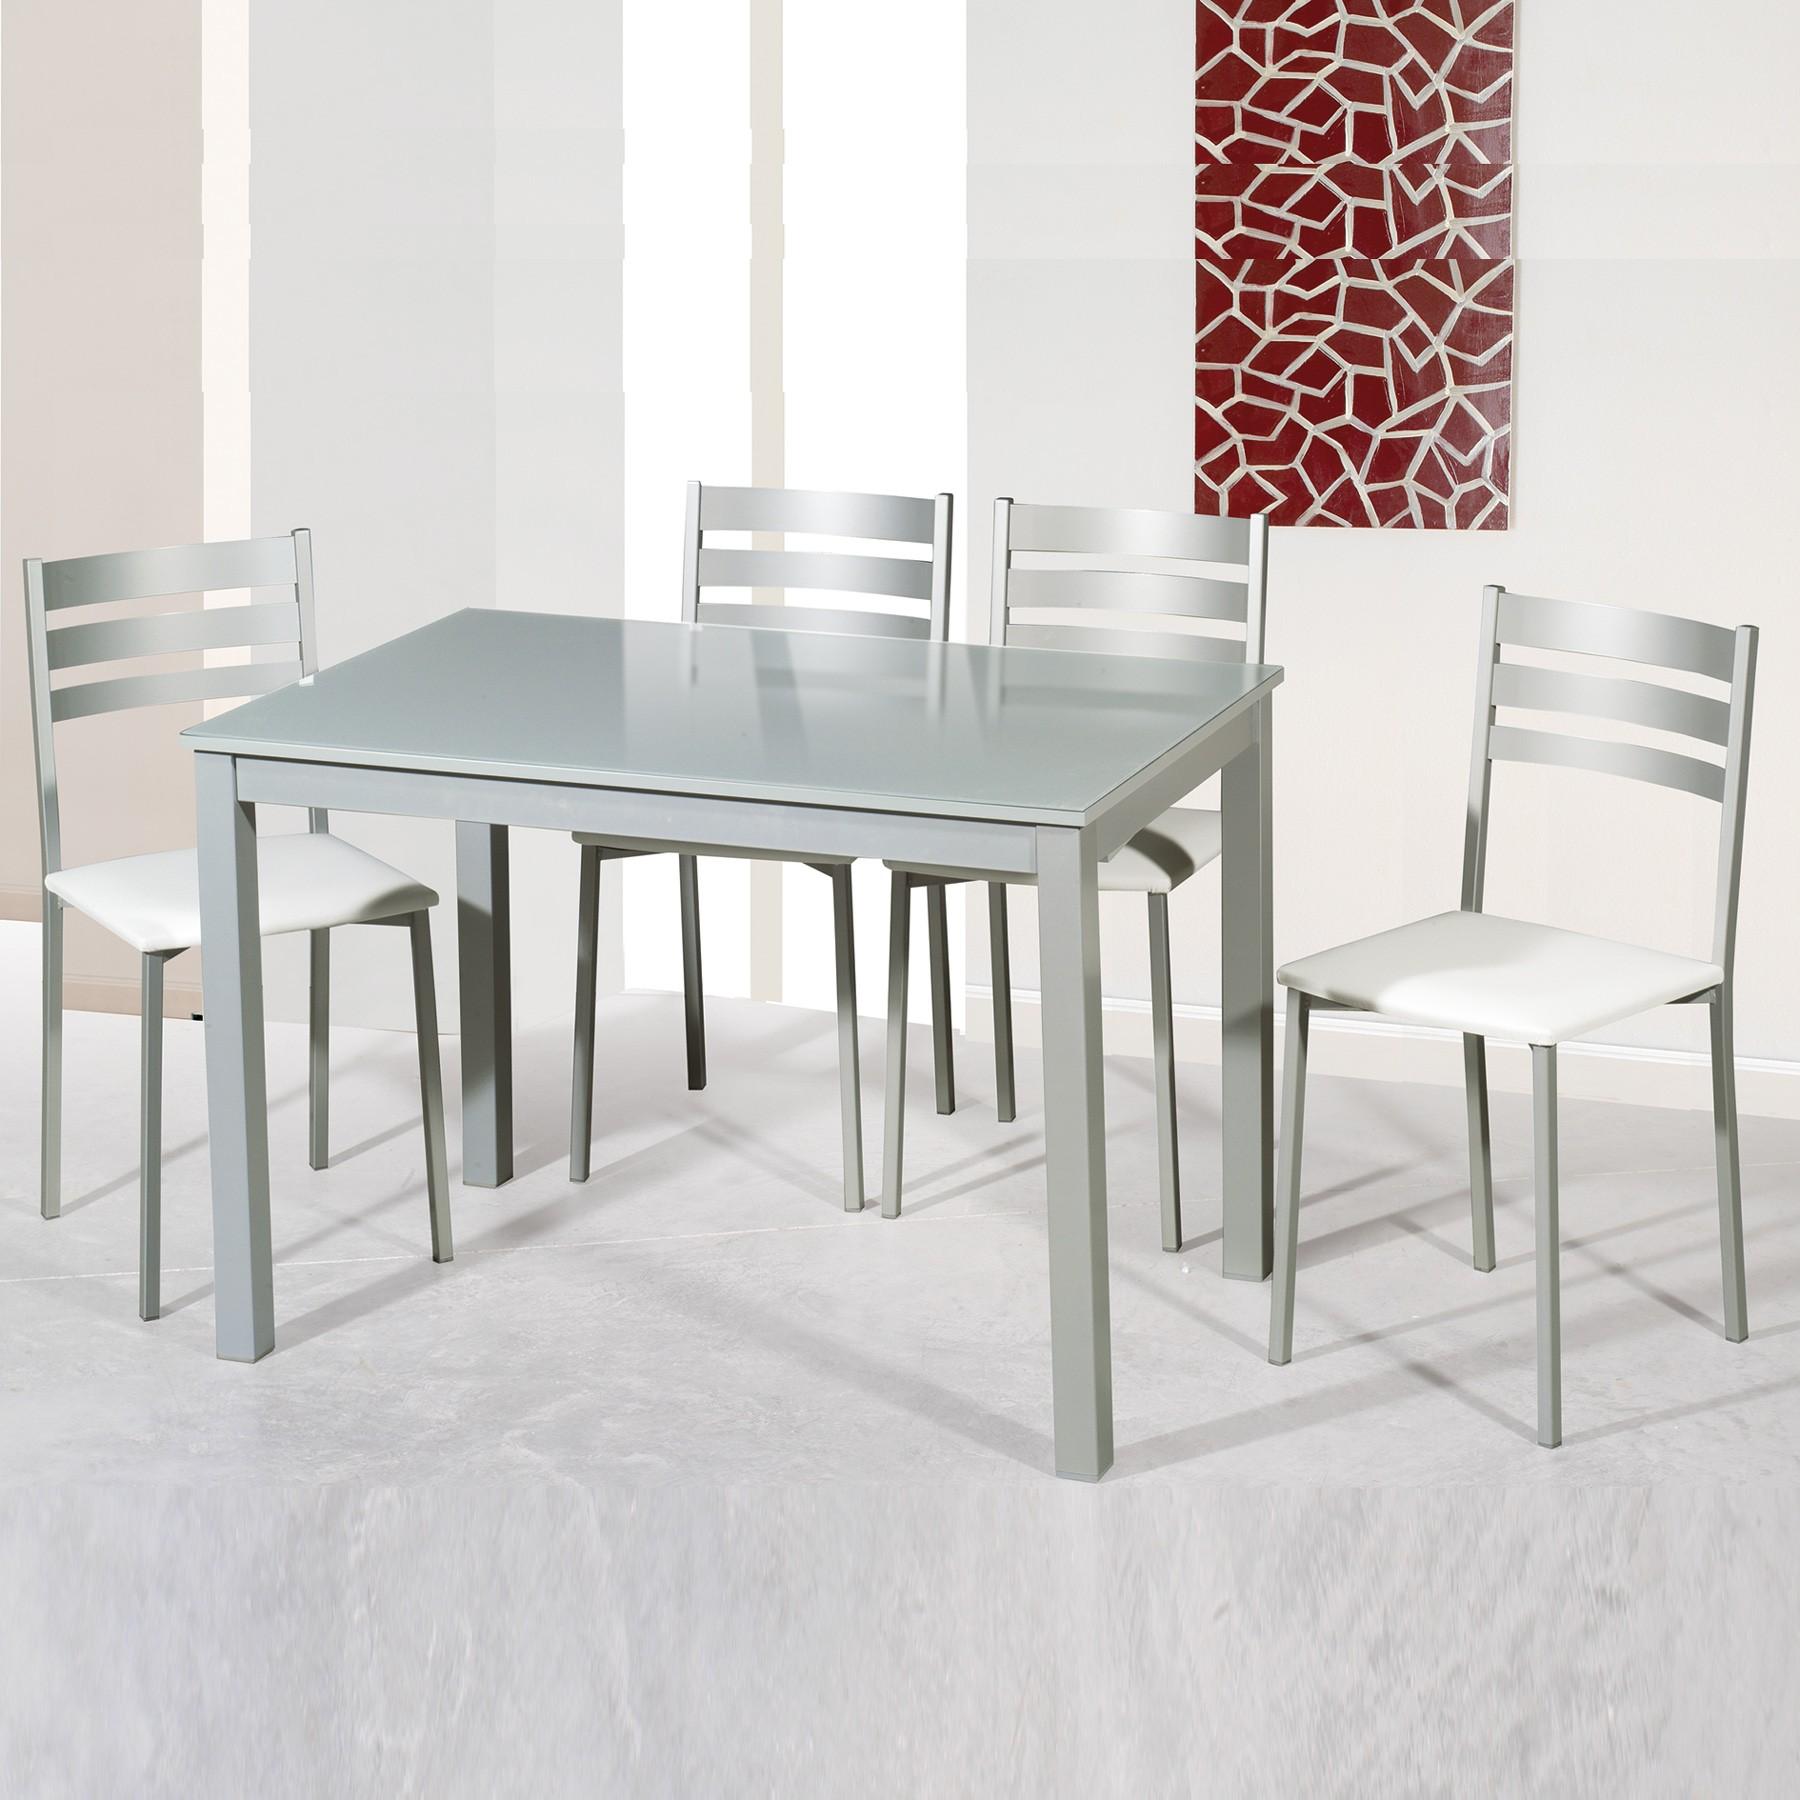 Conjunto de mesa y 2 4 sillas de comedor modelo grey for Modelos de mesas de comedor modernas